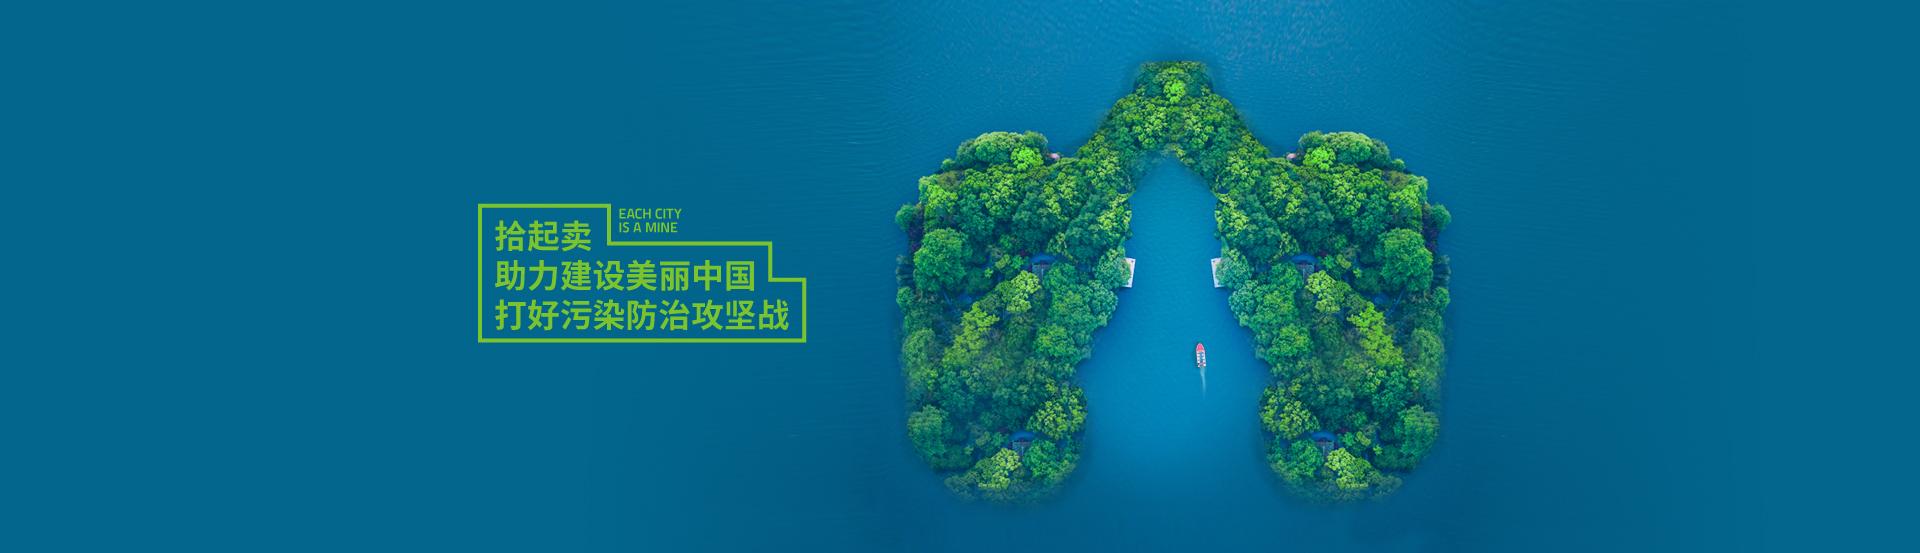 拾起卖助力建设美丽中国 打好污染防治攻坚战